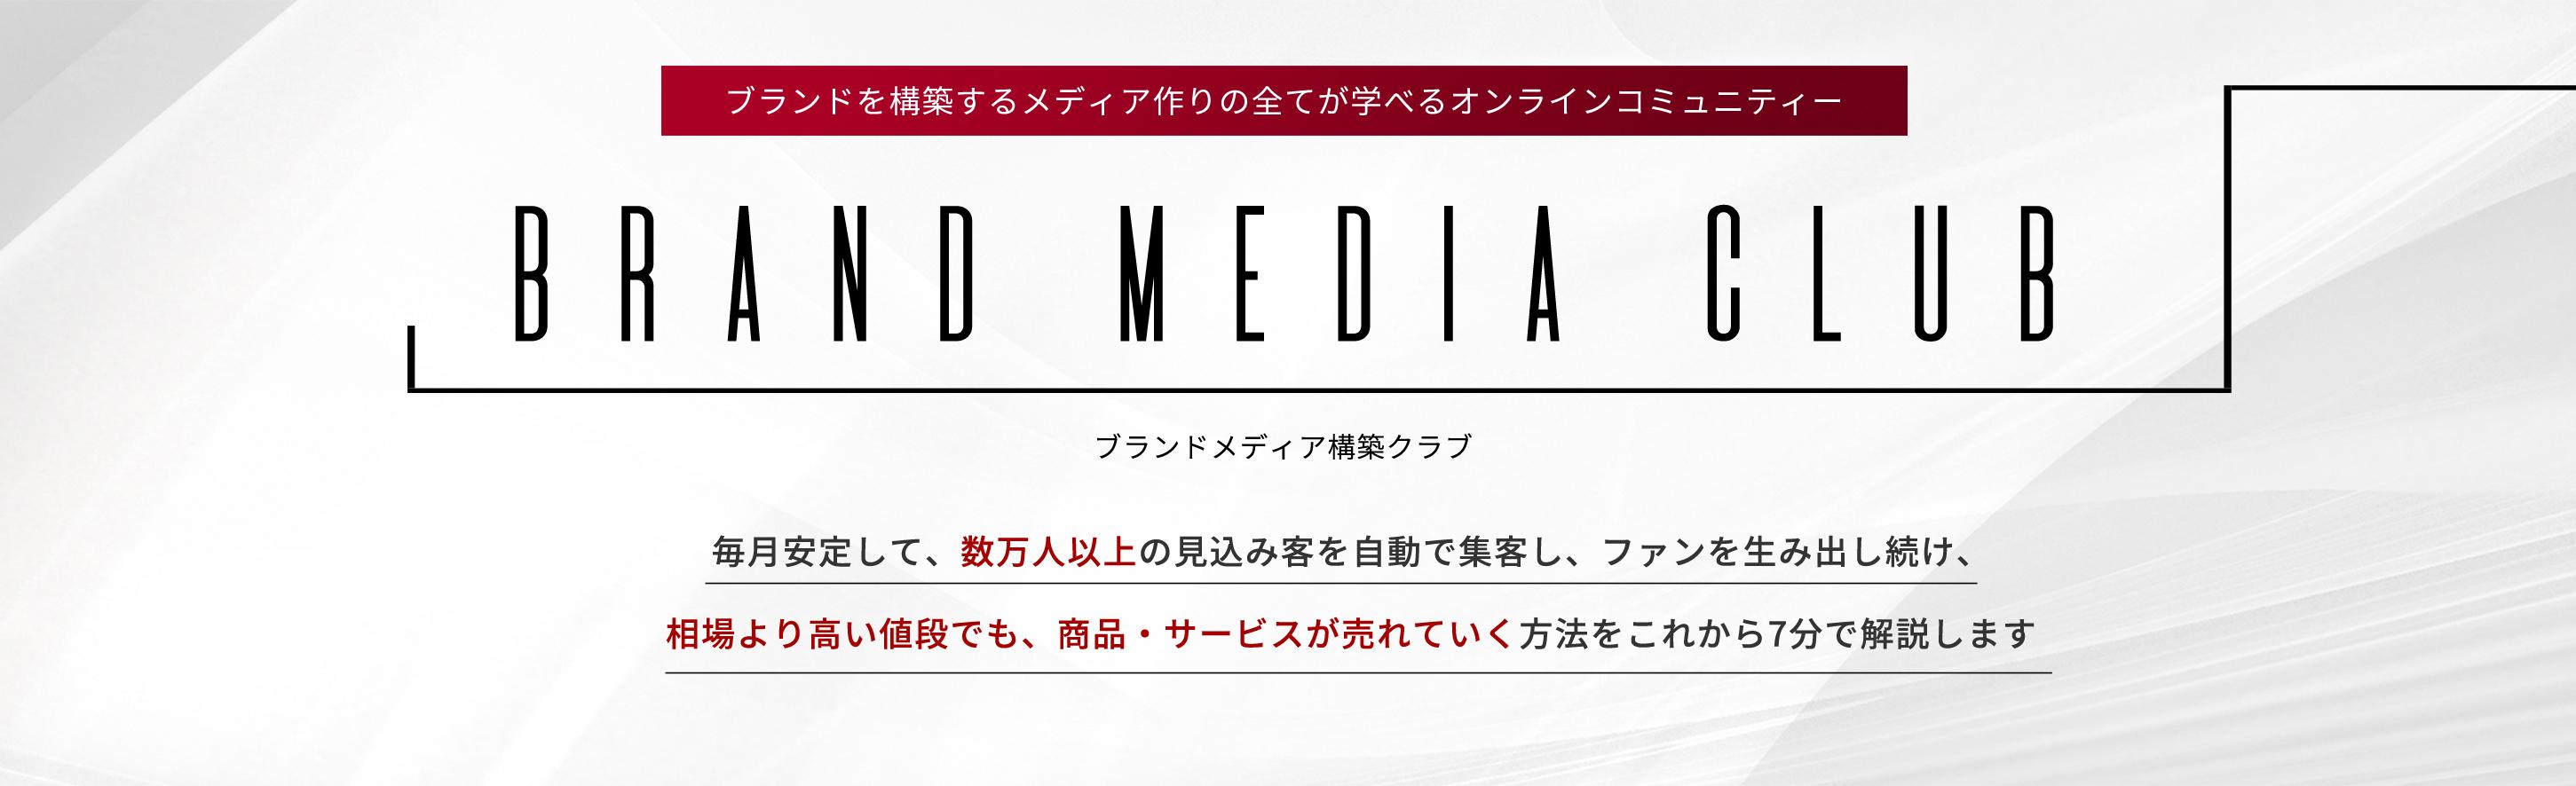 ブランドを構築するメディア作りの全てが学べるオンラインコミュニティー